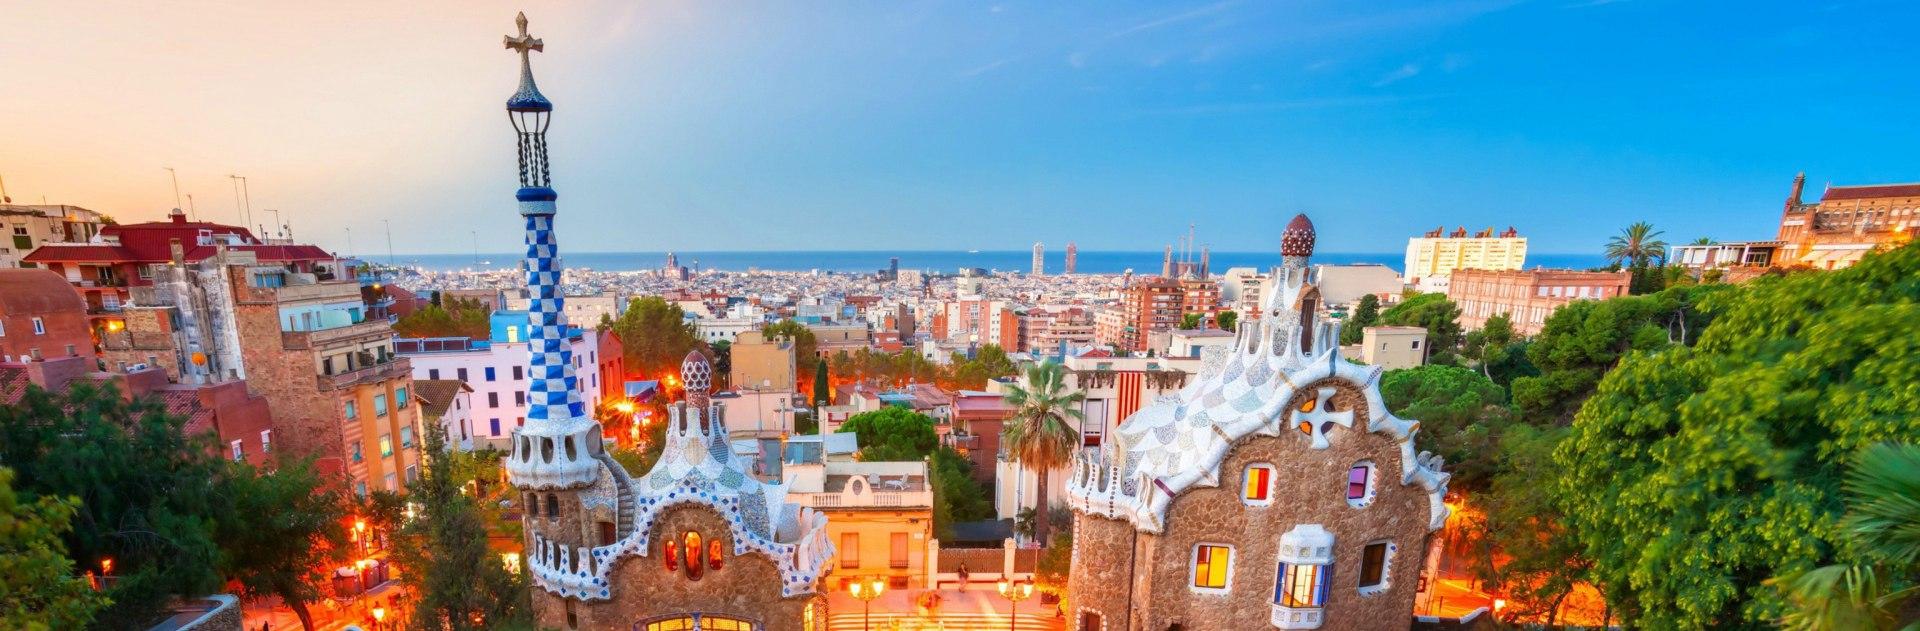 Образование в Испании: все, что вам нужно узнать